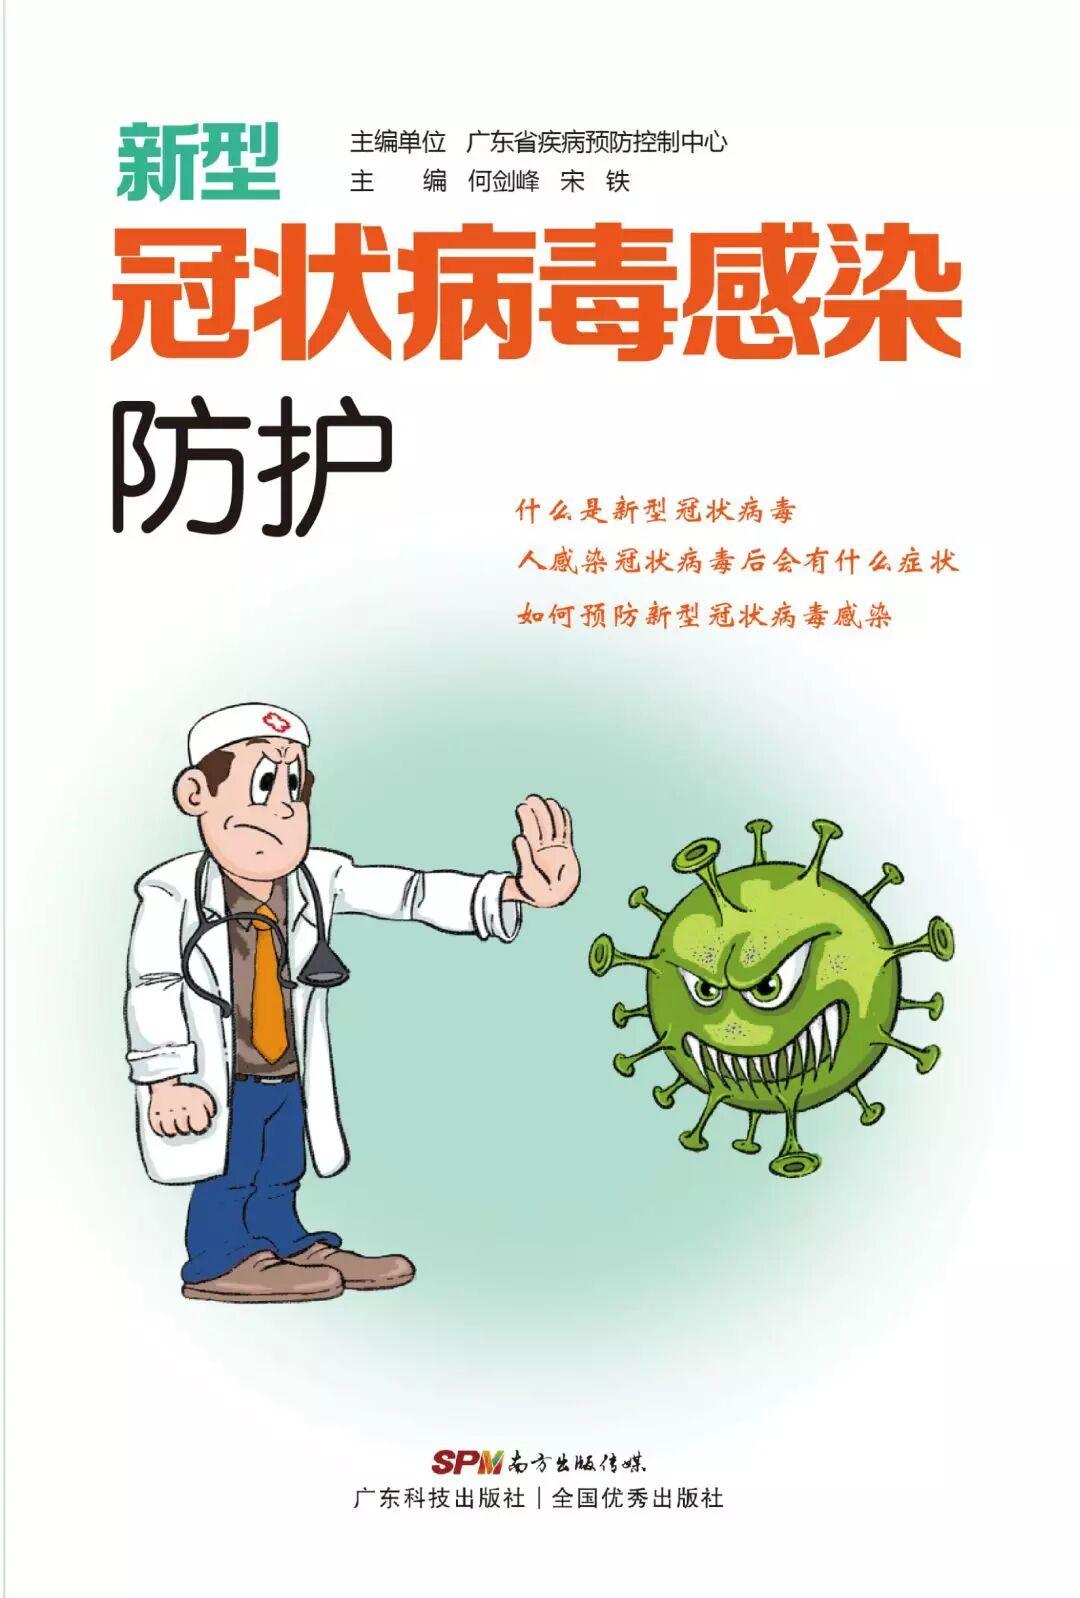 新型冠状病毒感染防护手册